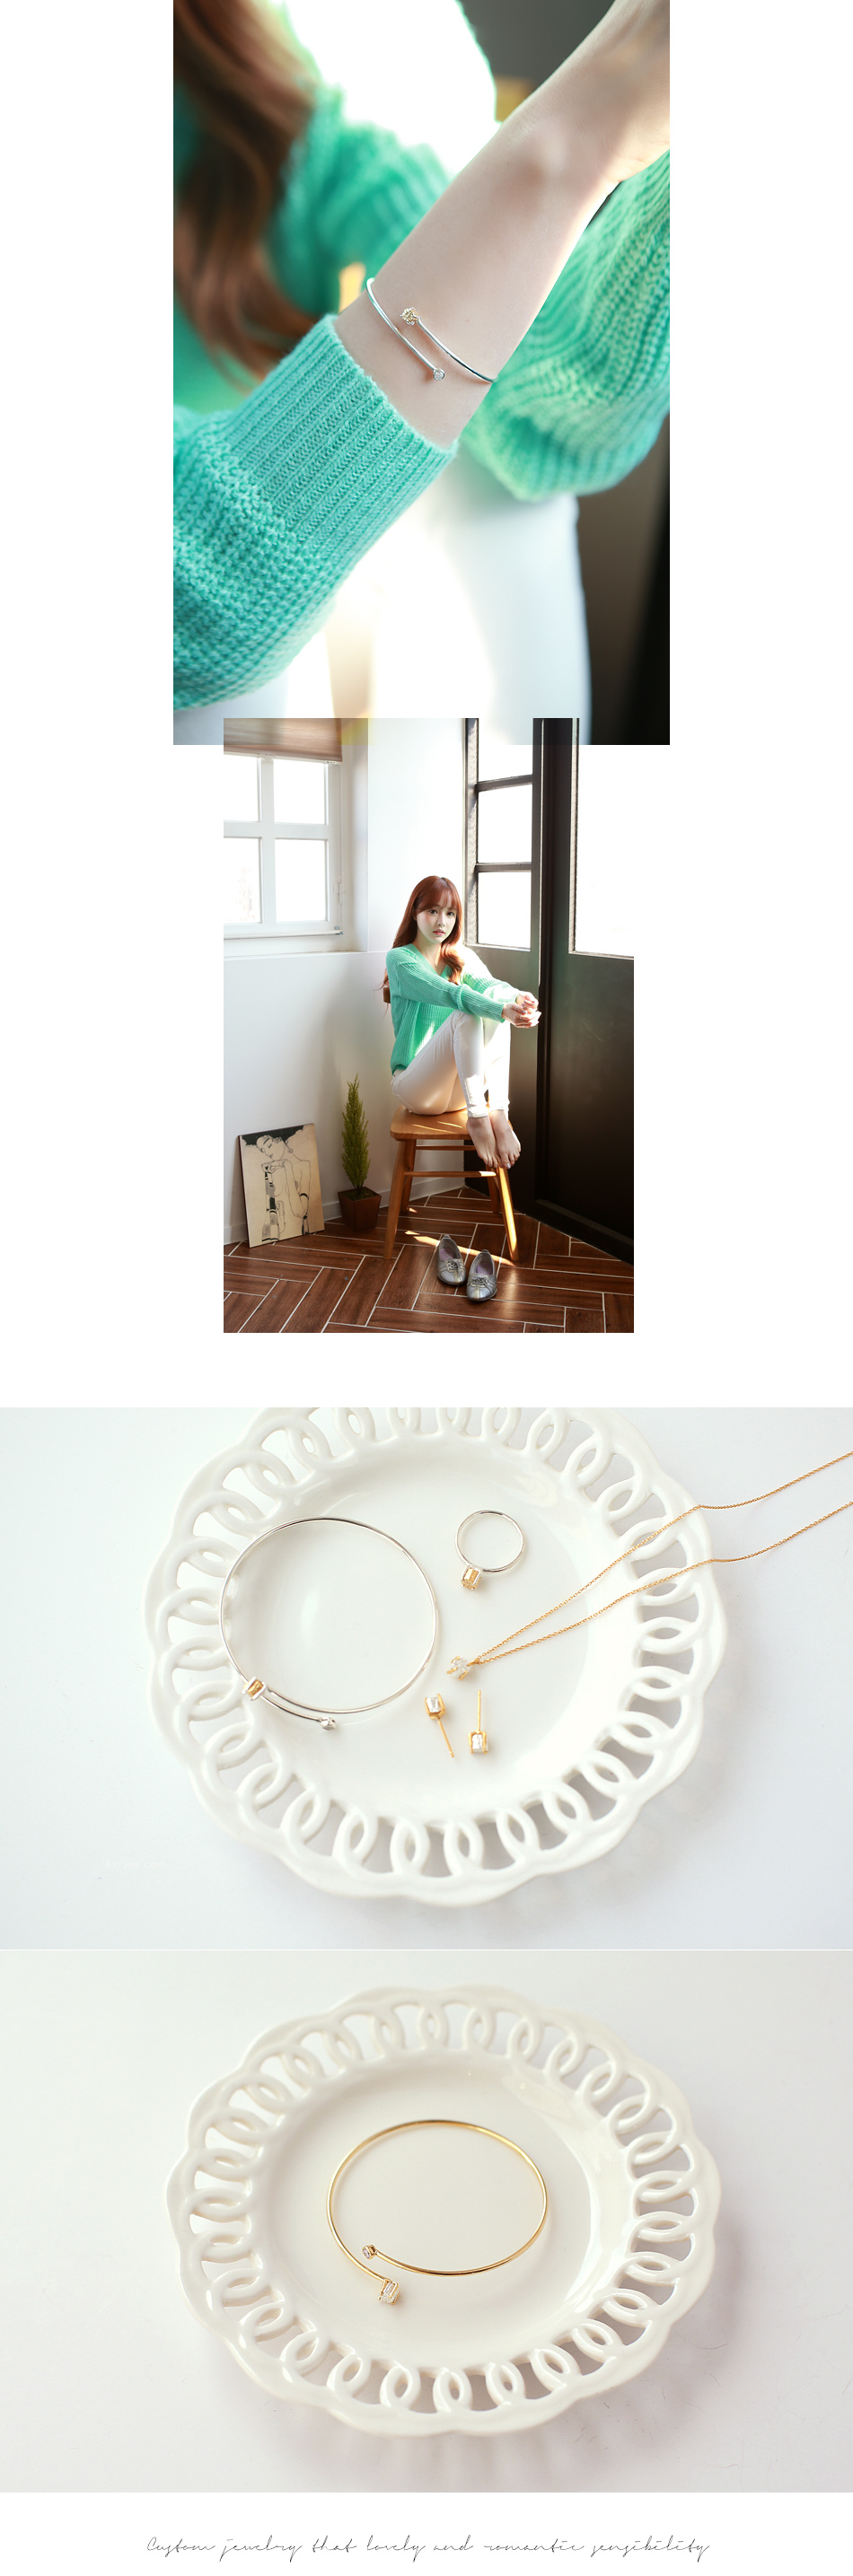 [ 4xtyle ] Vonin Silver Bracelet, 2 Colors